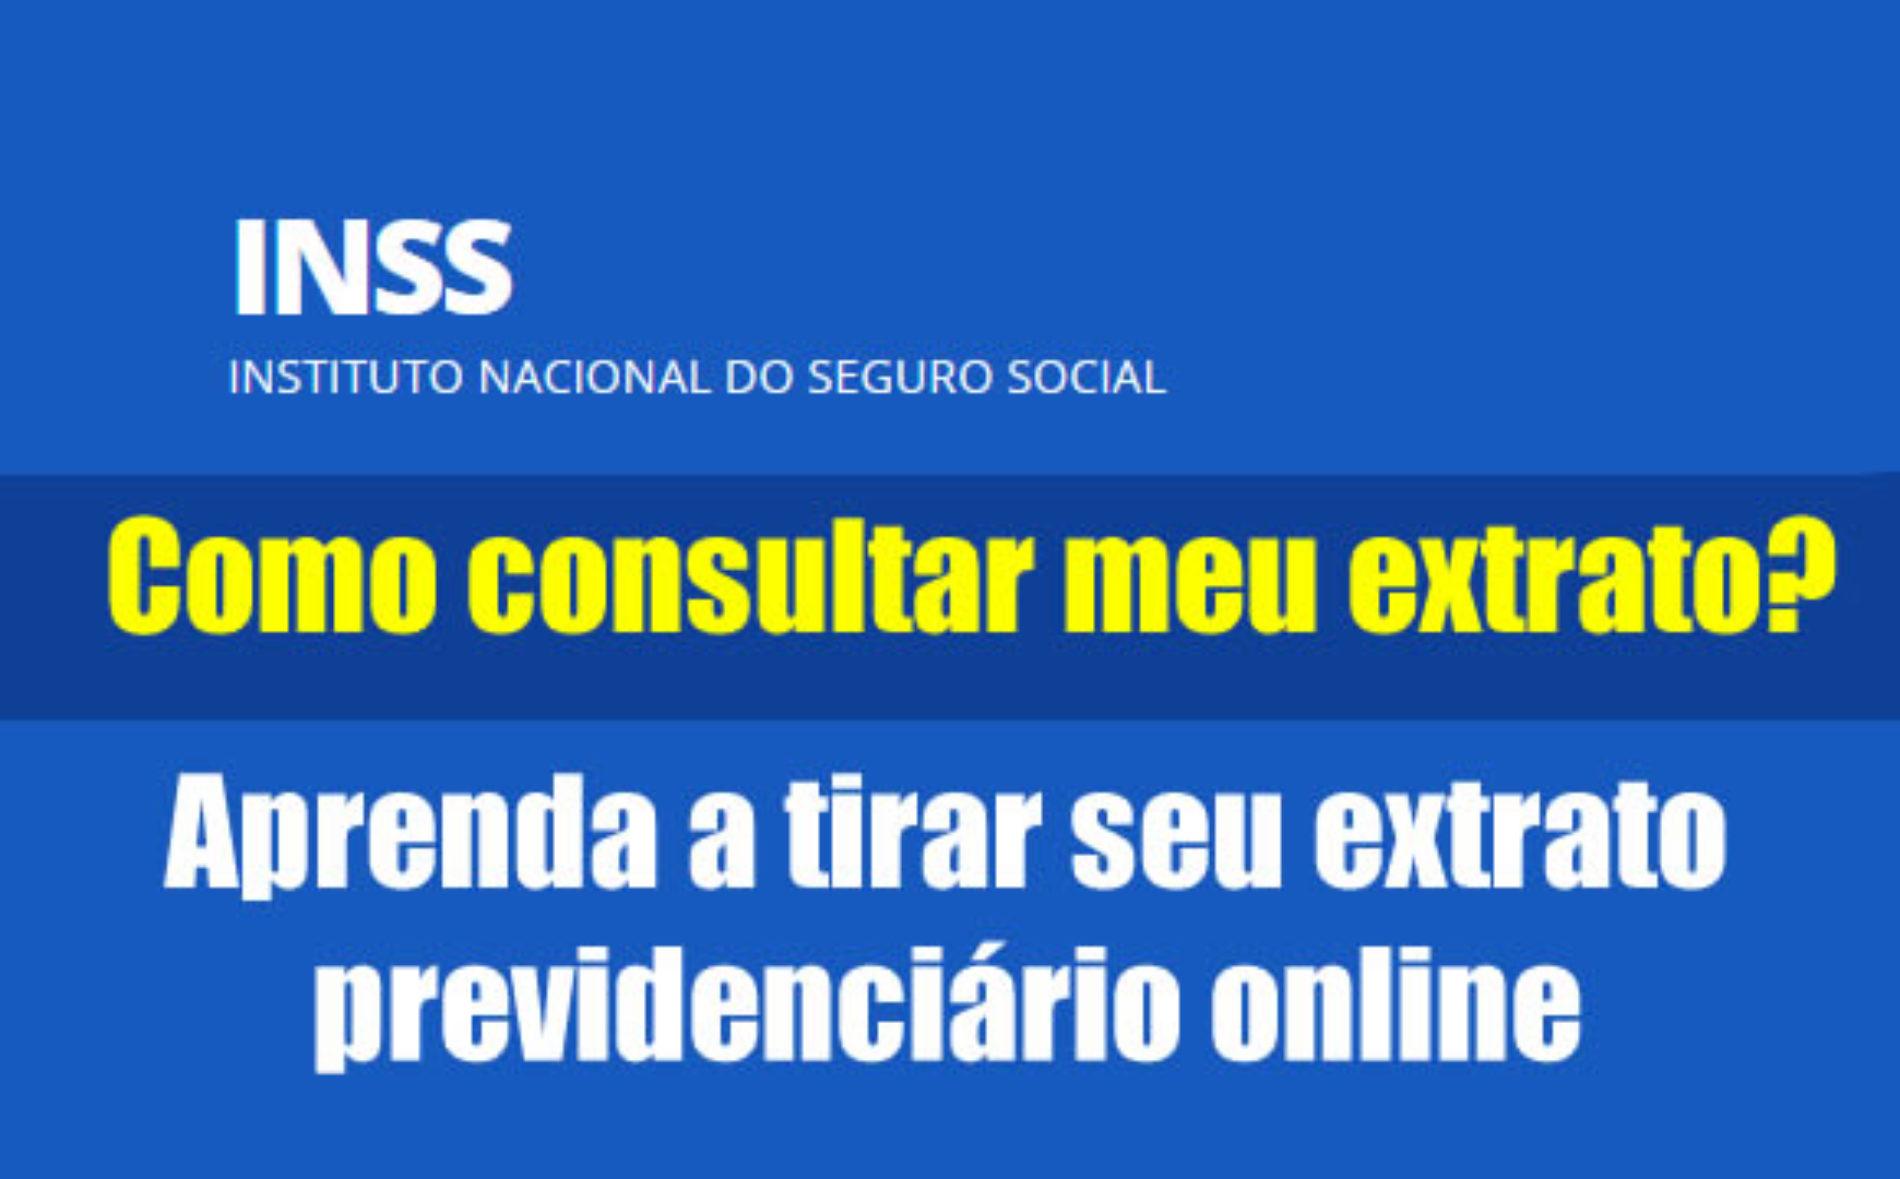 Como ver o extrato previdenciario do INSS online